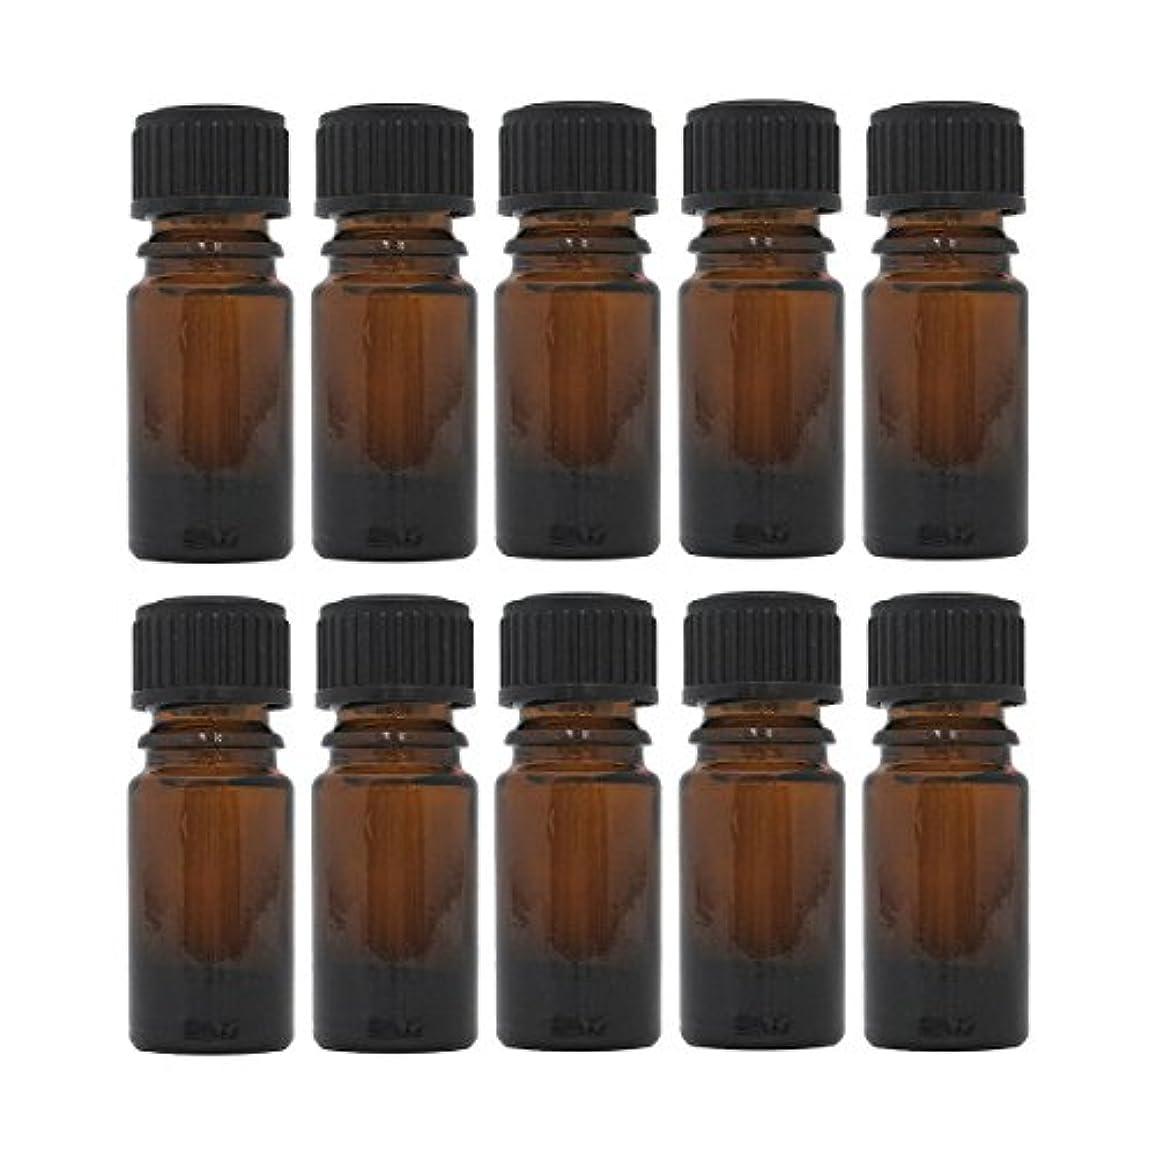 予備謙虚な陽気な茶色遮光瓶 5ml (ドロッパー付) 10本セット